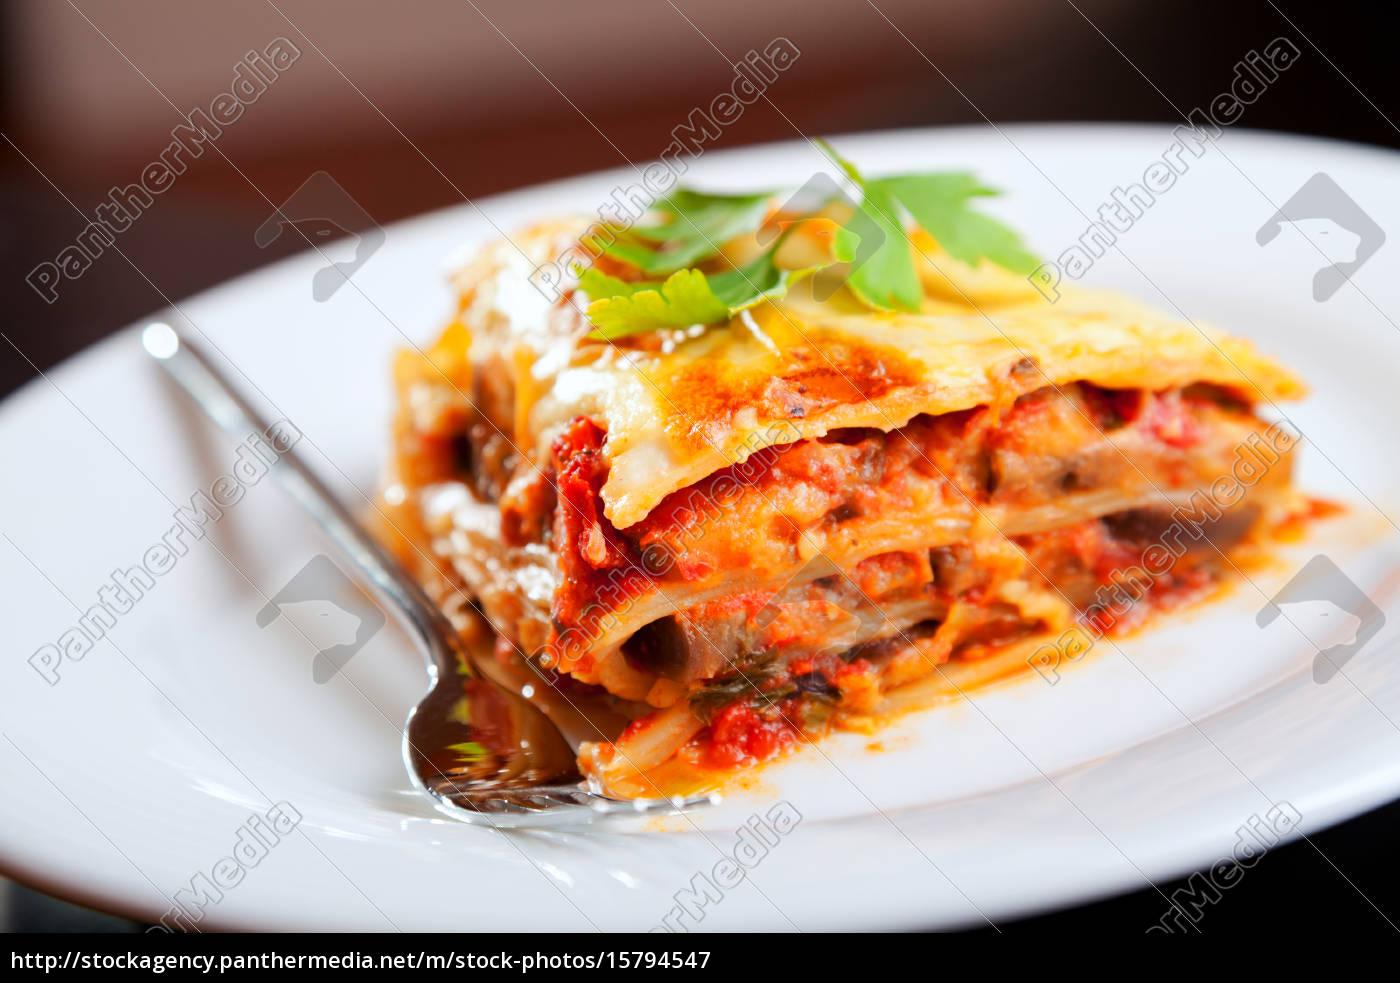 lasagna, lasagna - 15794547